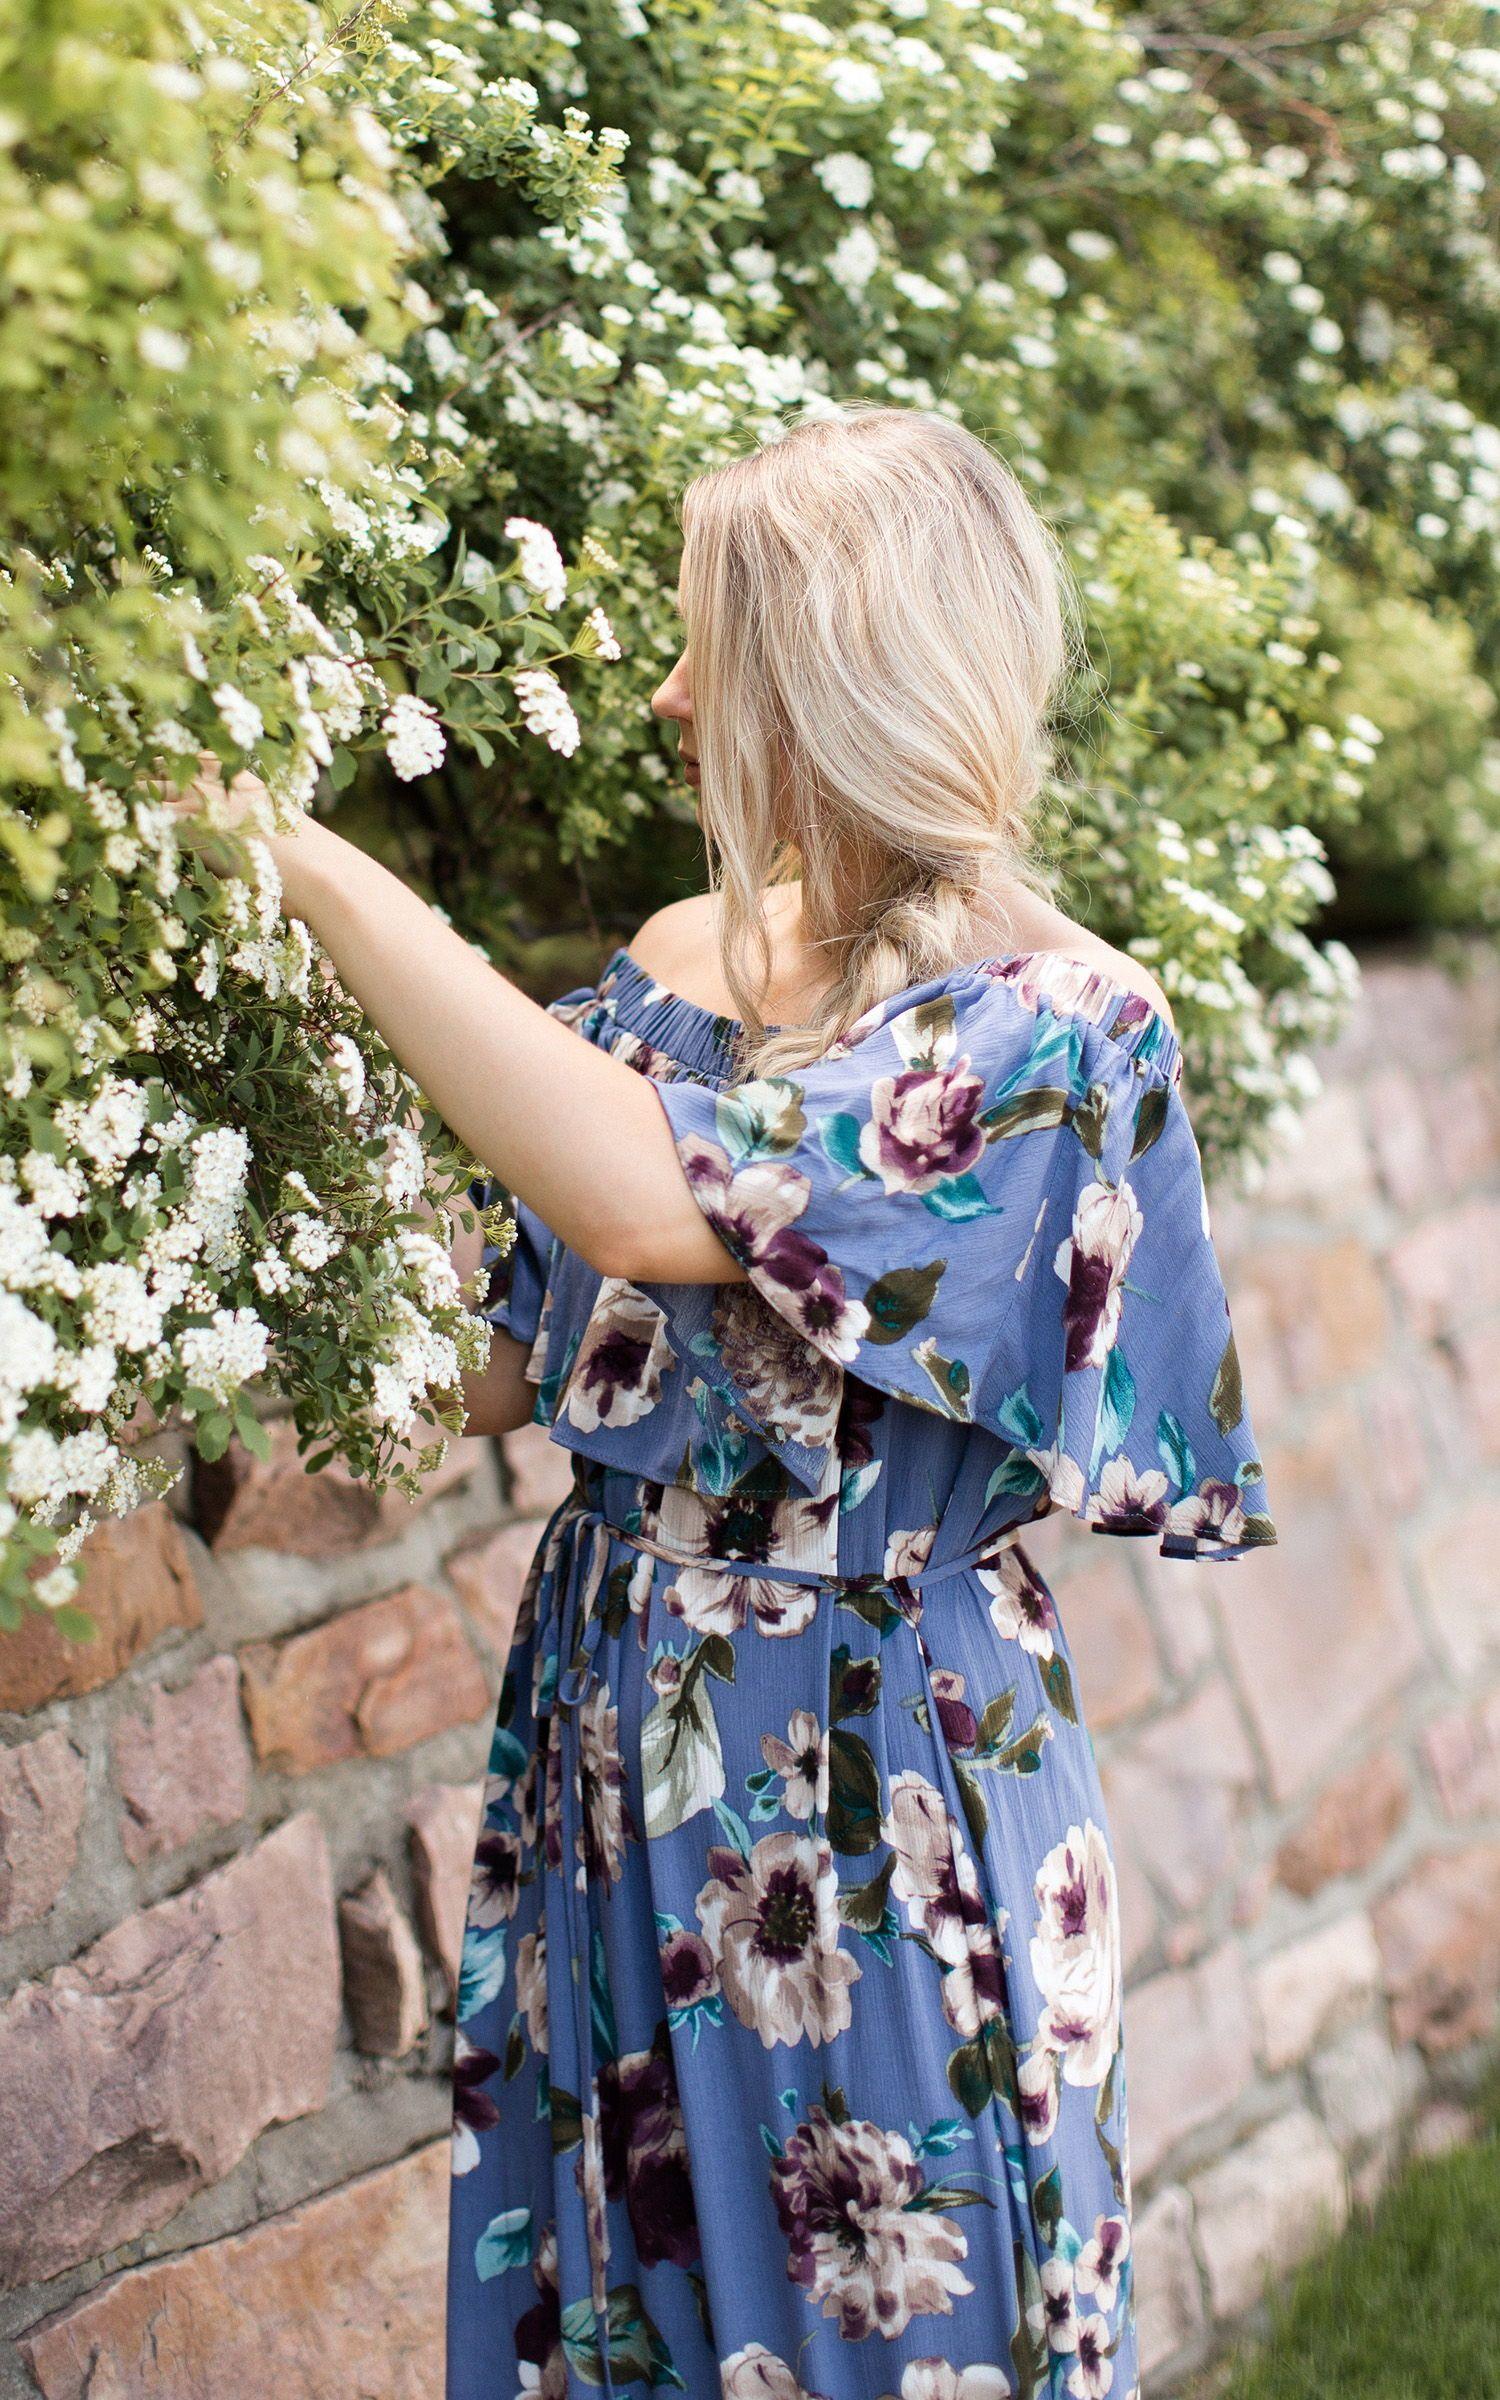 Girls boutique spring summer floral dress